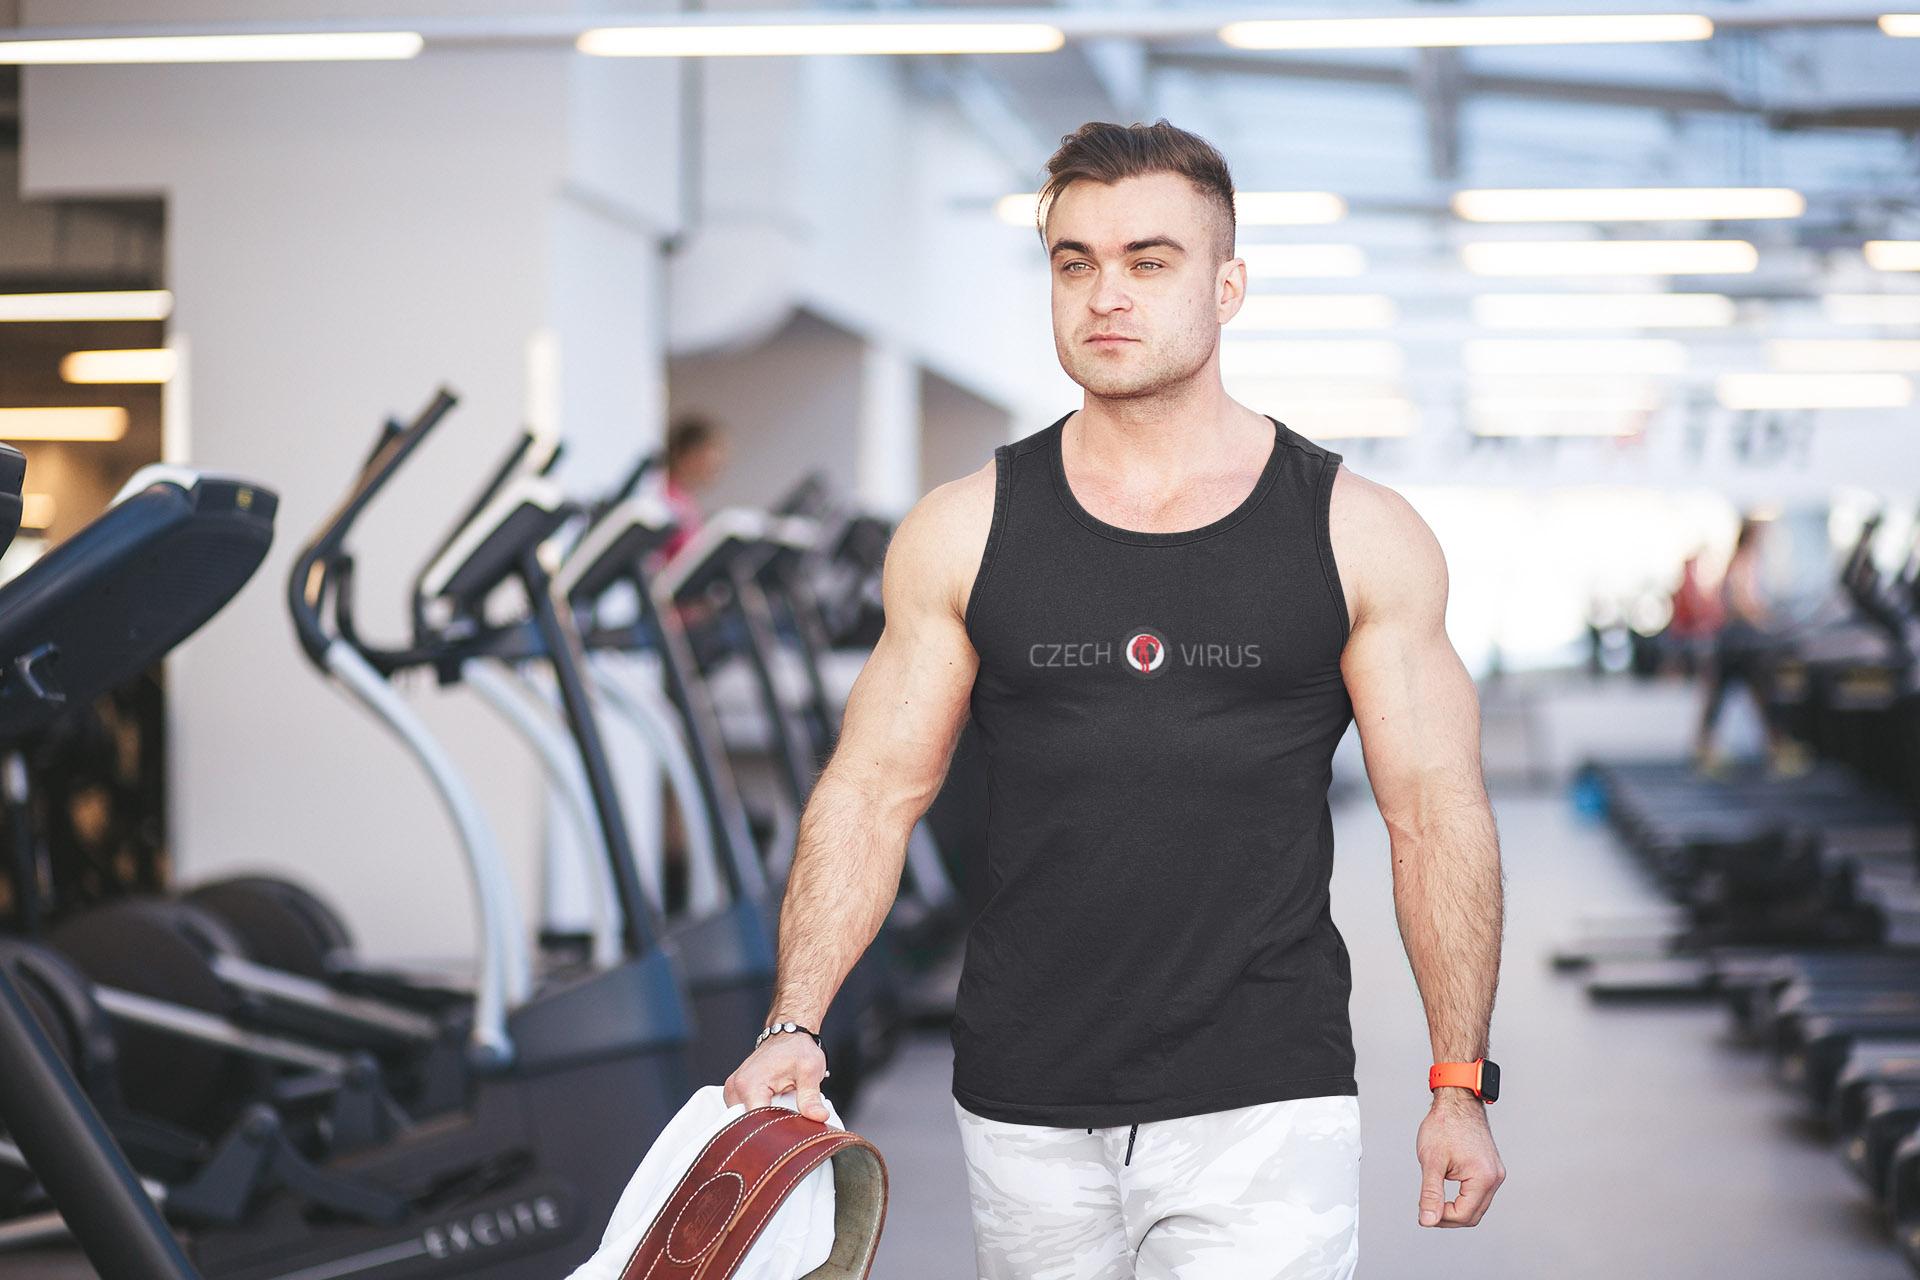 Jak by měl vypadat silový trénink?